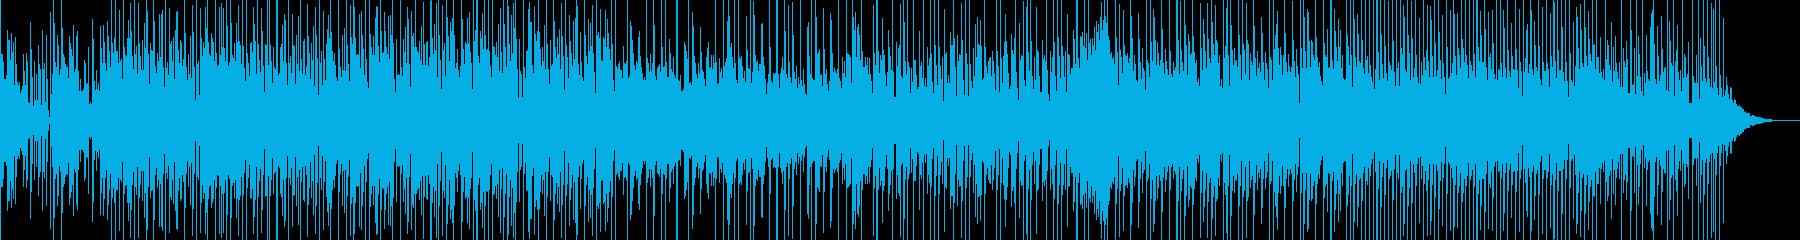 軽快なリズムに怪しげなリフが印象的な曲の再生済みの波形